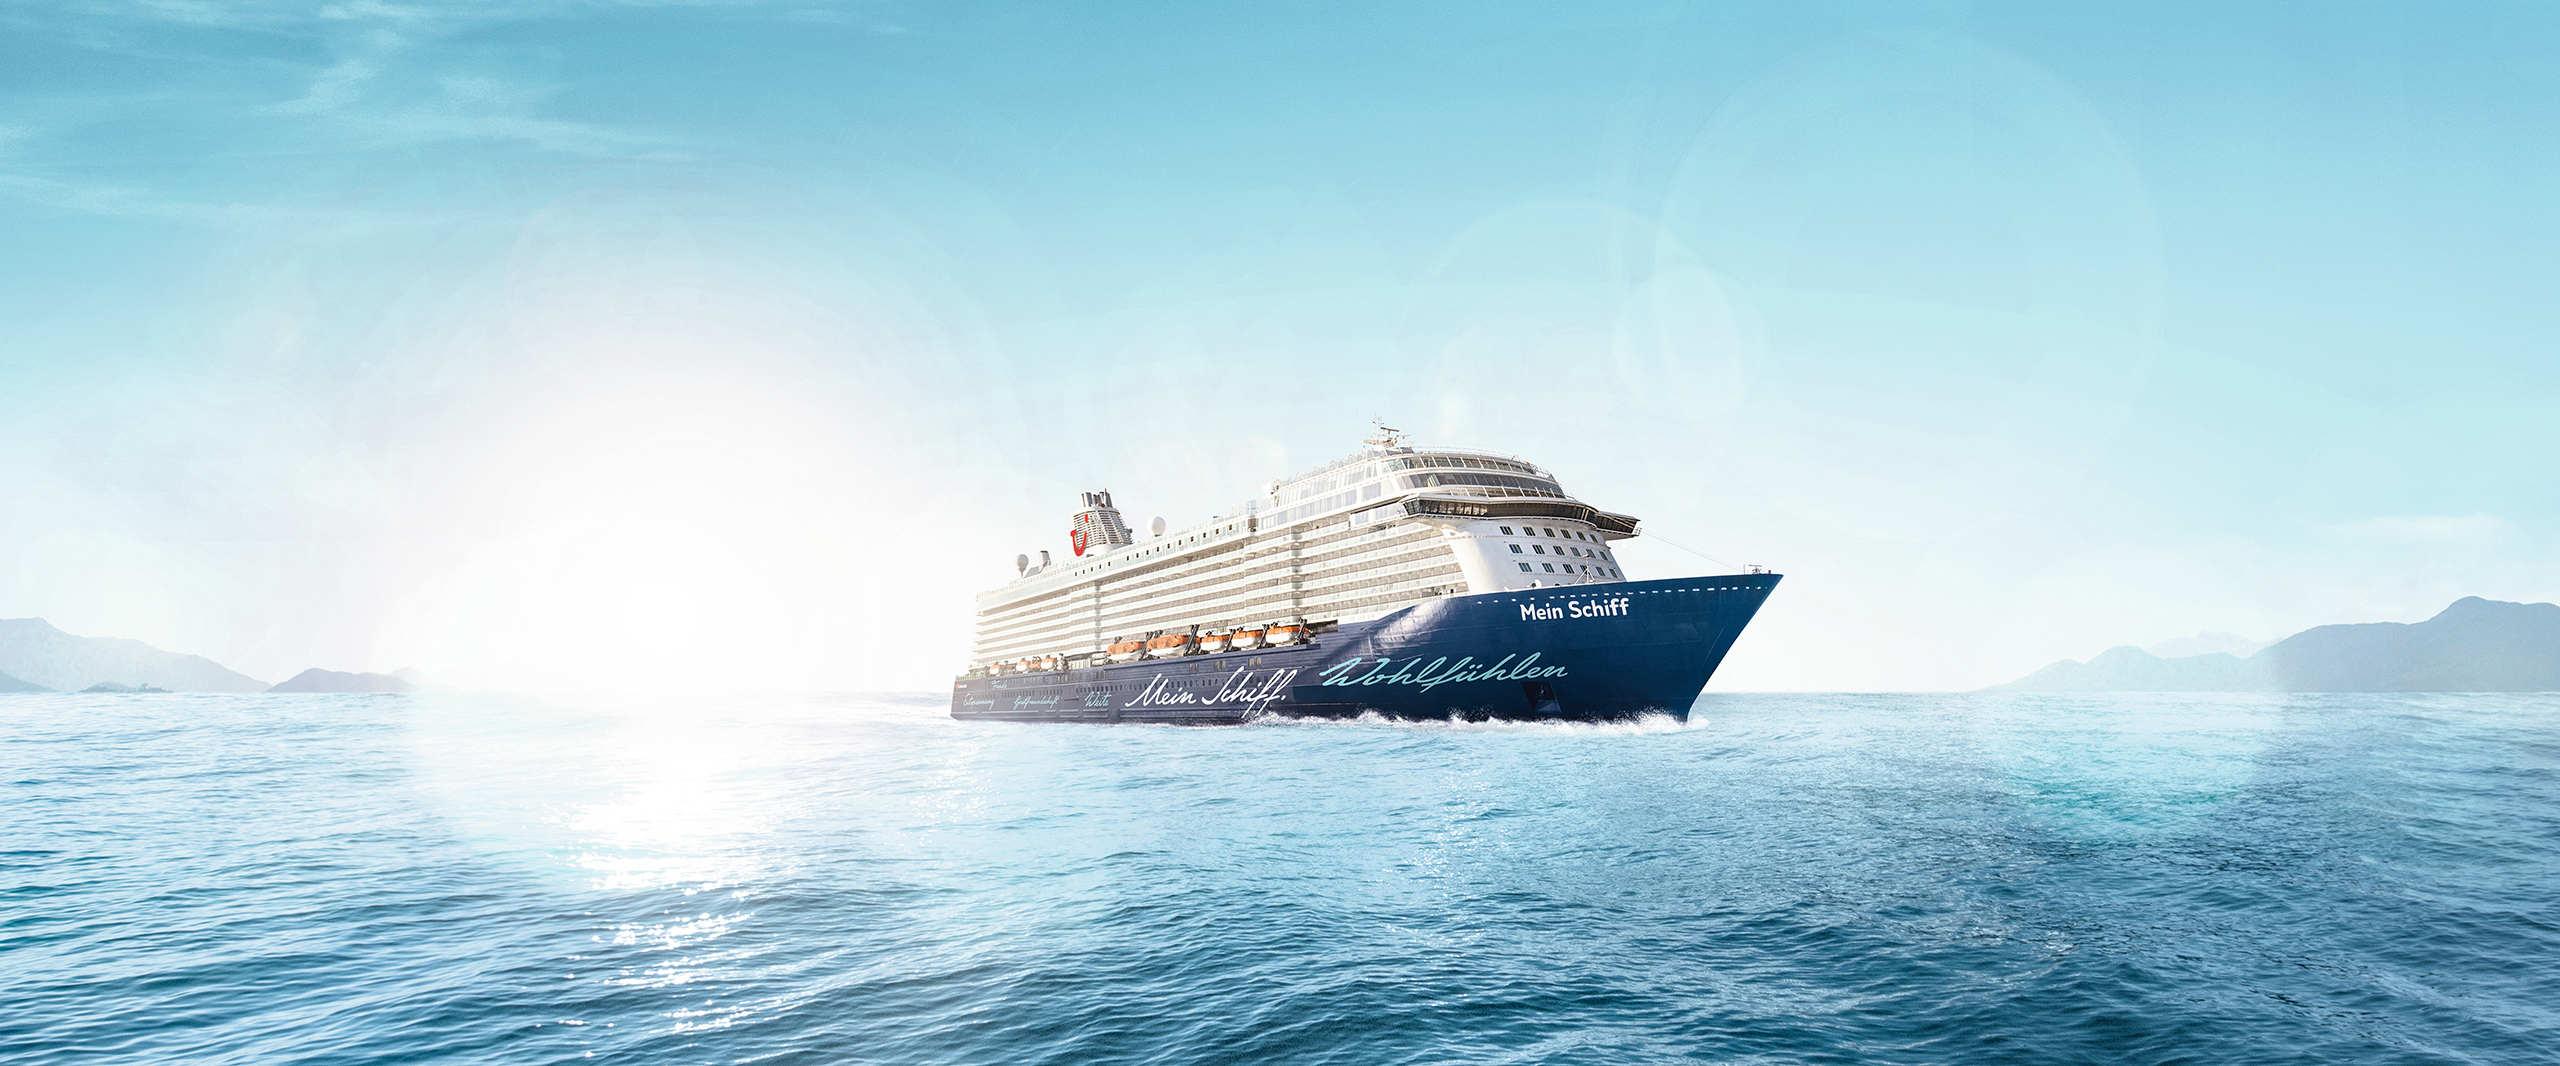 Mein Schiff auf hoher See